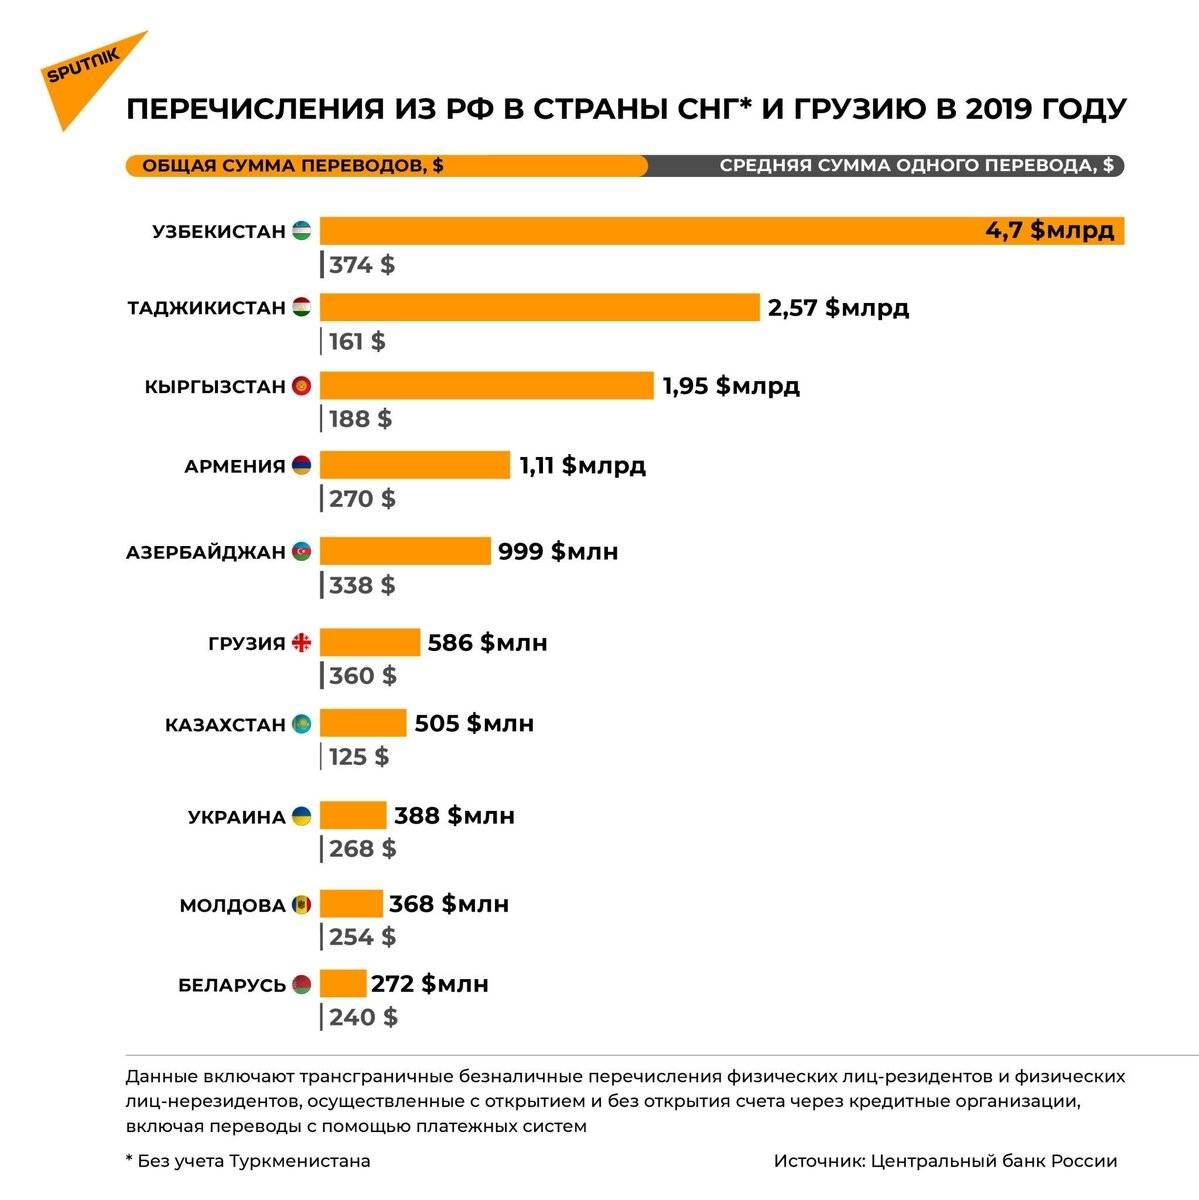 Переводы на украину из россии сегодня - все способы 2021